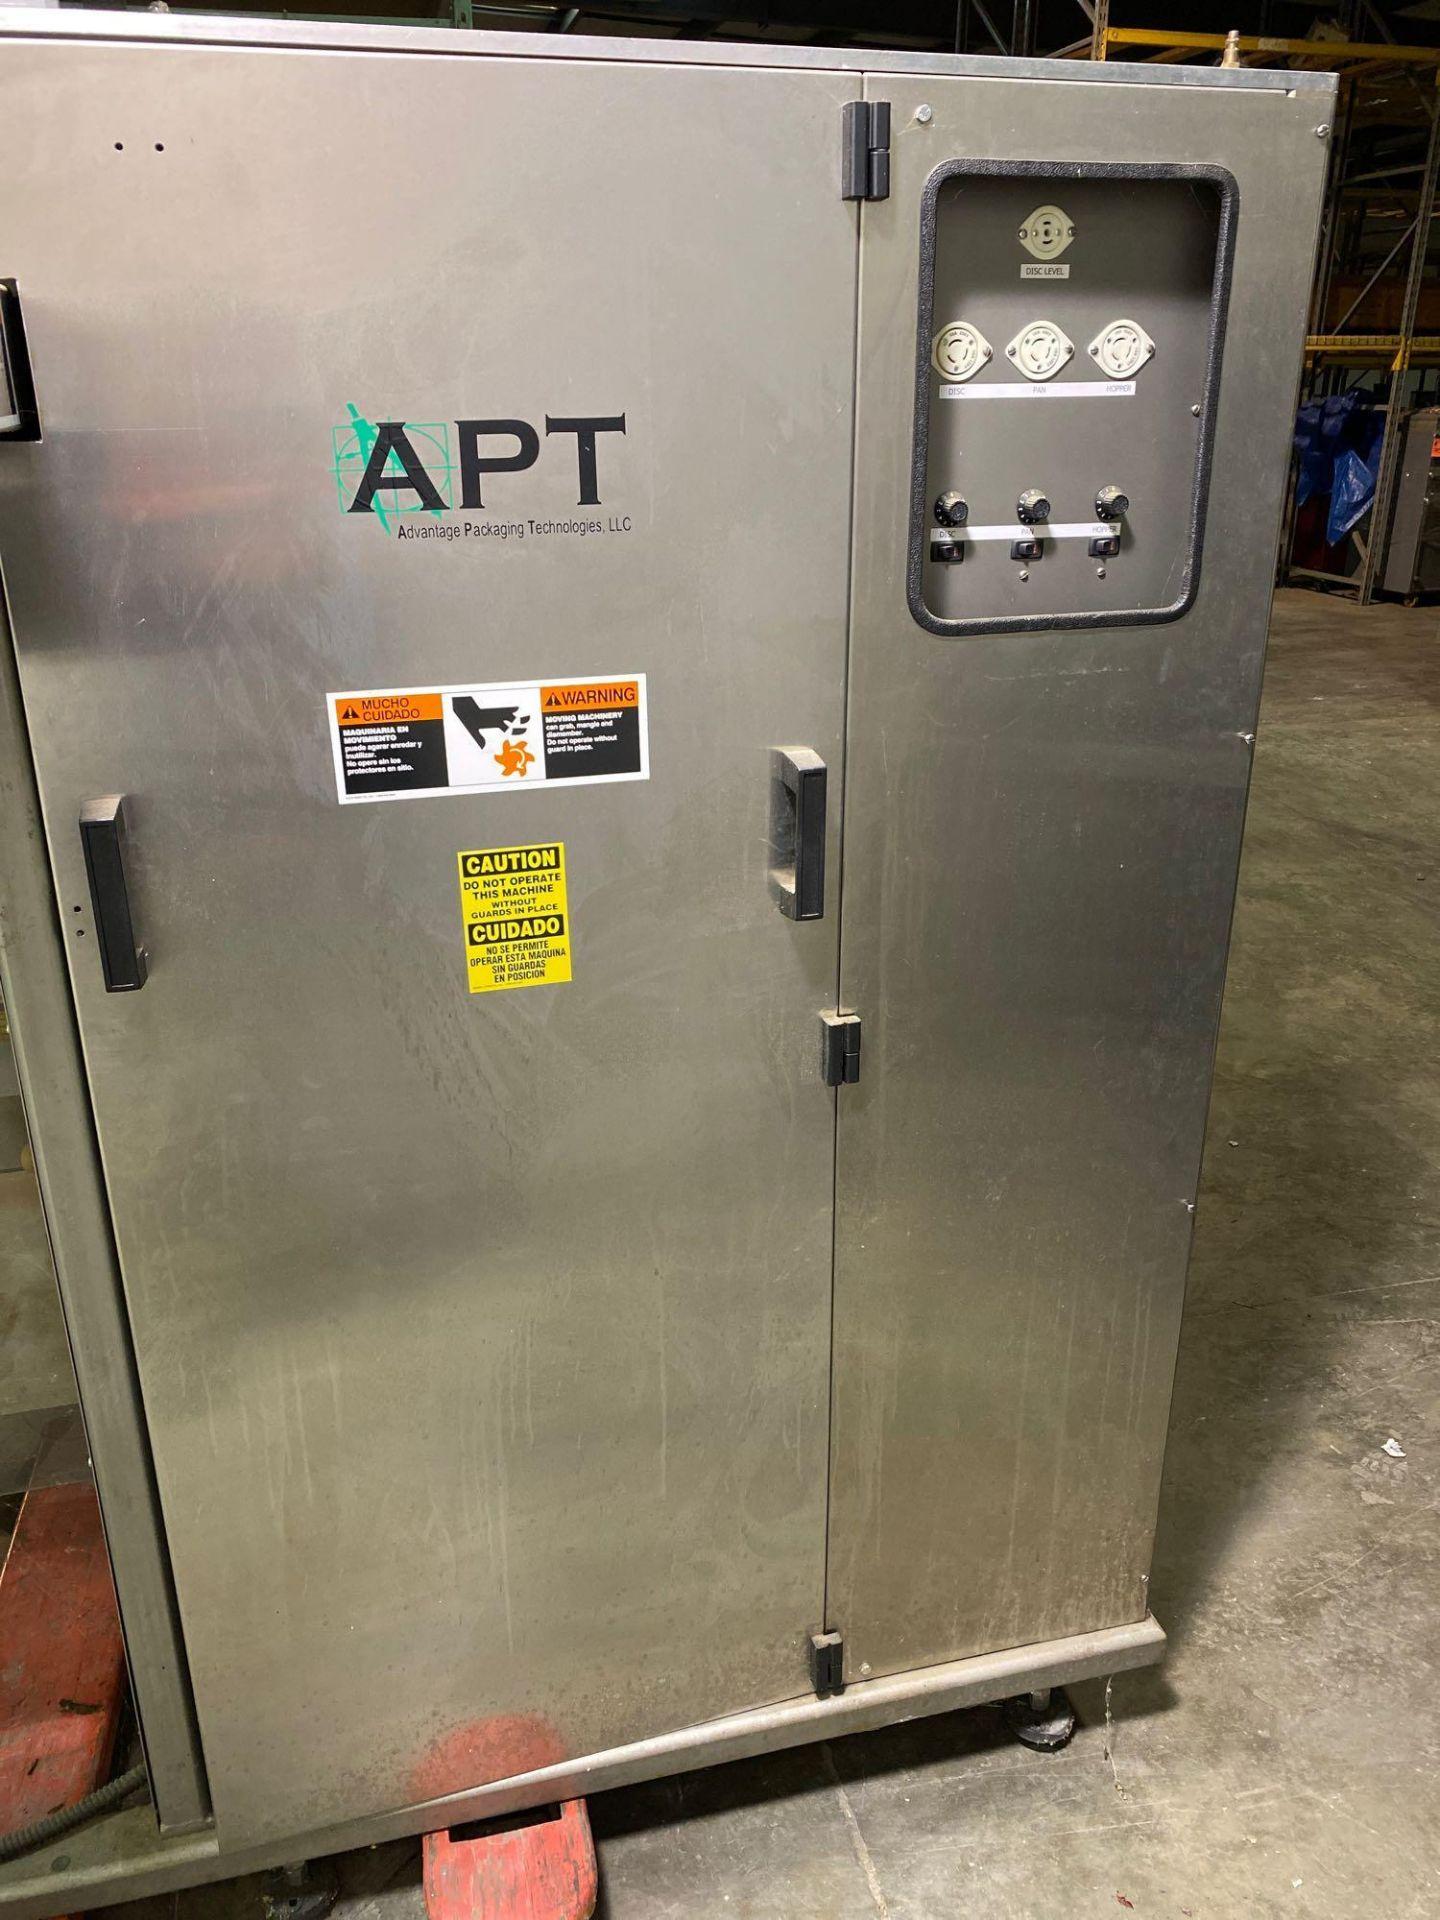 APT Packaging Foil Packaging Machine - Image 26 of 27